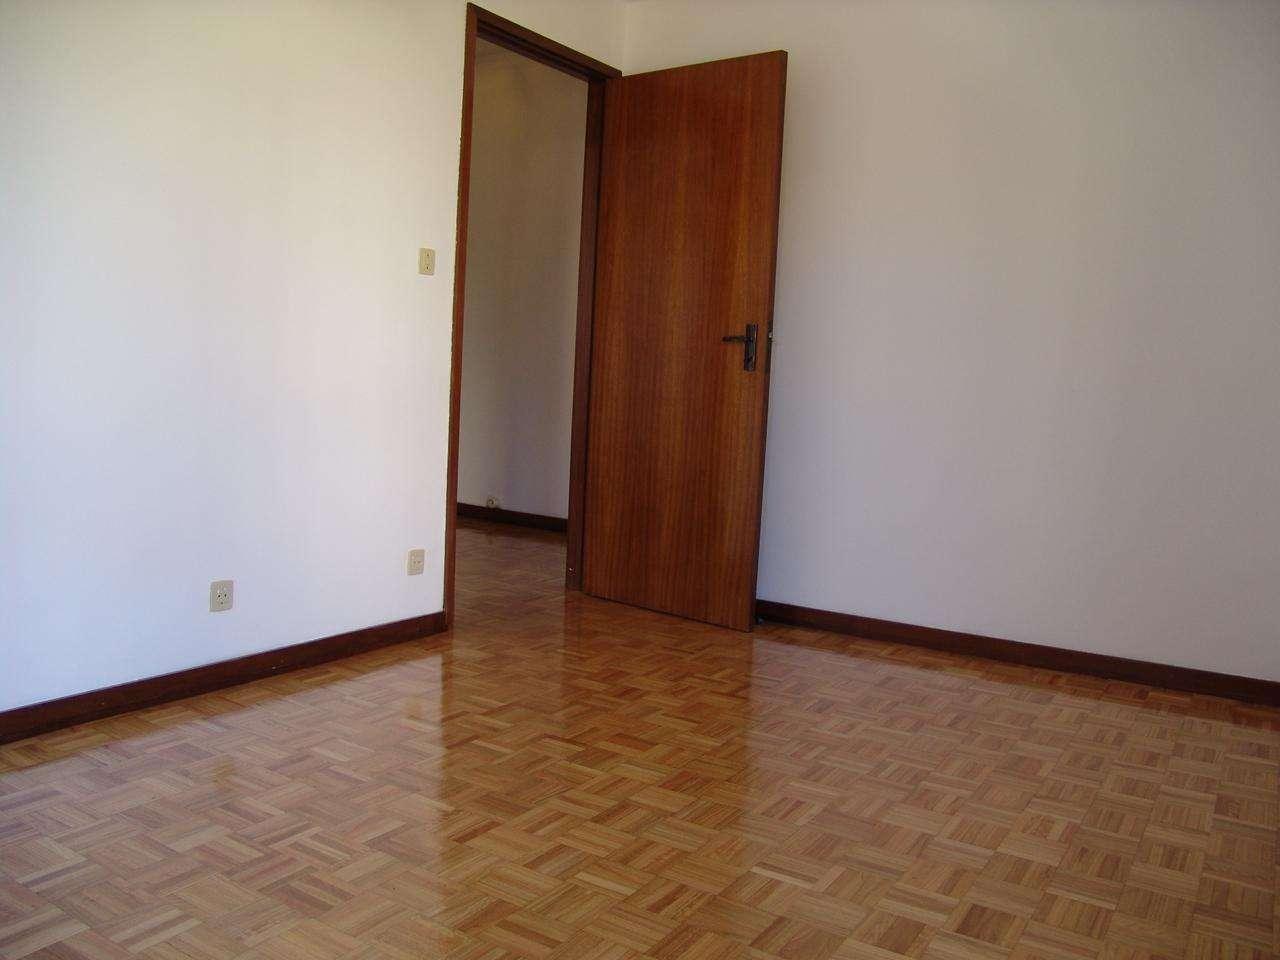 Apartamento para comprar, Lordelo, Vila Real - Foto 11